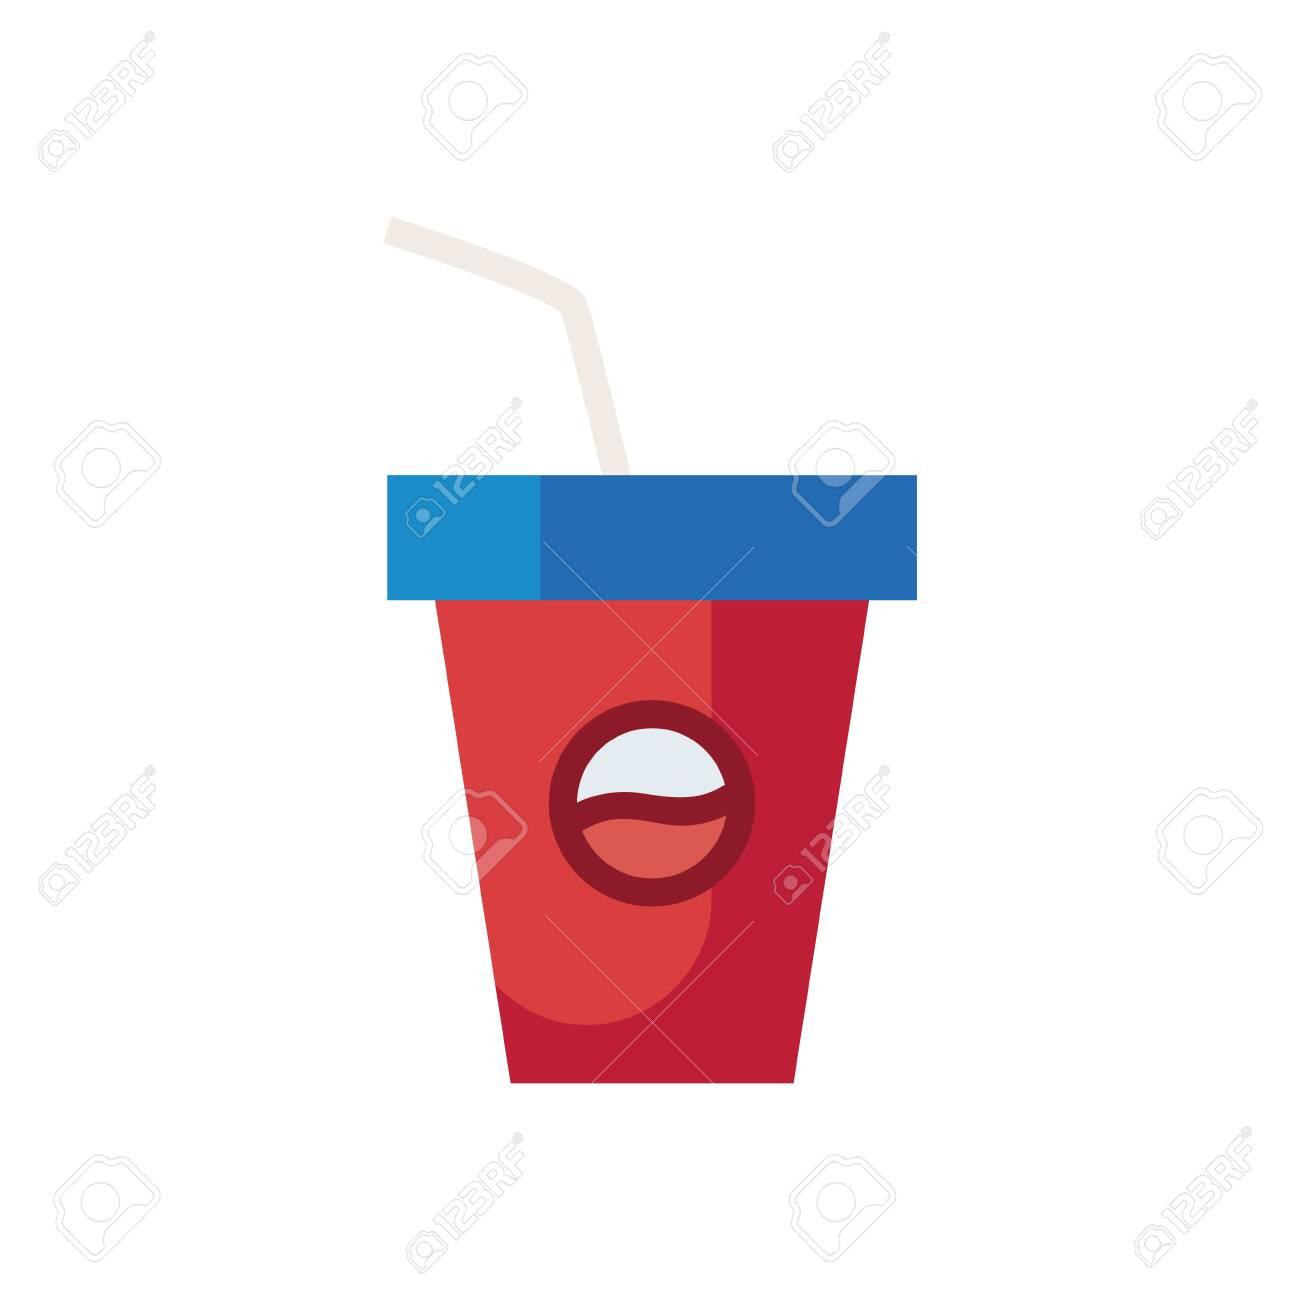 Drink Mug Fill Style Icon Design Beverage Liquid Menu Restaurant Lunch Refreshment Kitchen And Meal Theme Vector Illustration Ilustraciones Vectoriales Clip Art Vectorizado Libre De Derechos Image 142741762